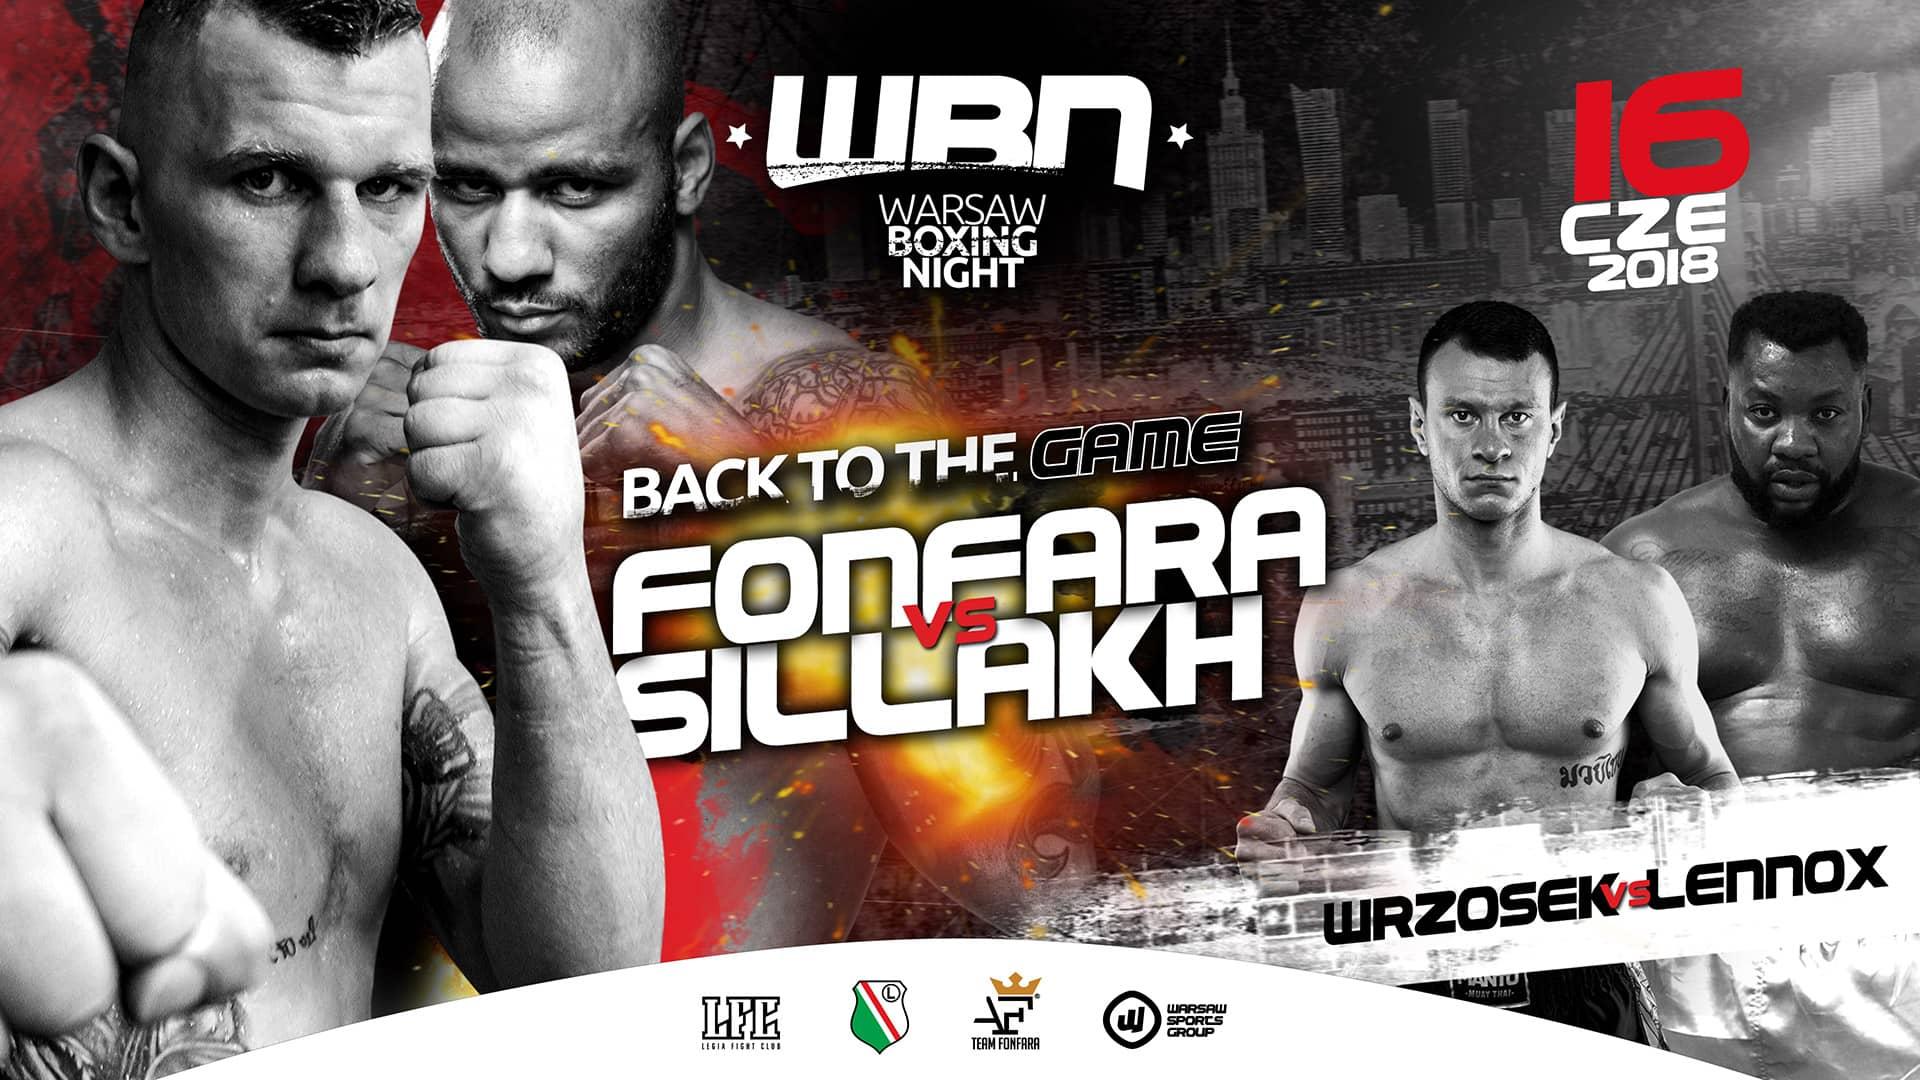 Andrzej Fonfara - Warsaw Boxing Night